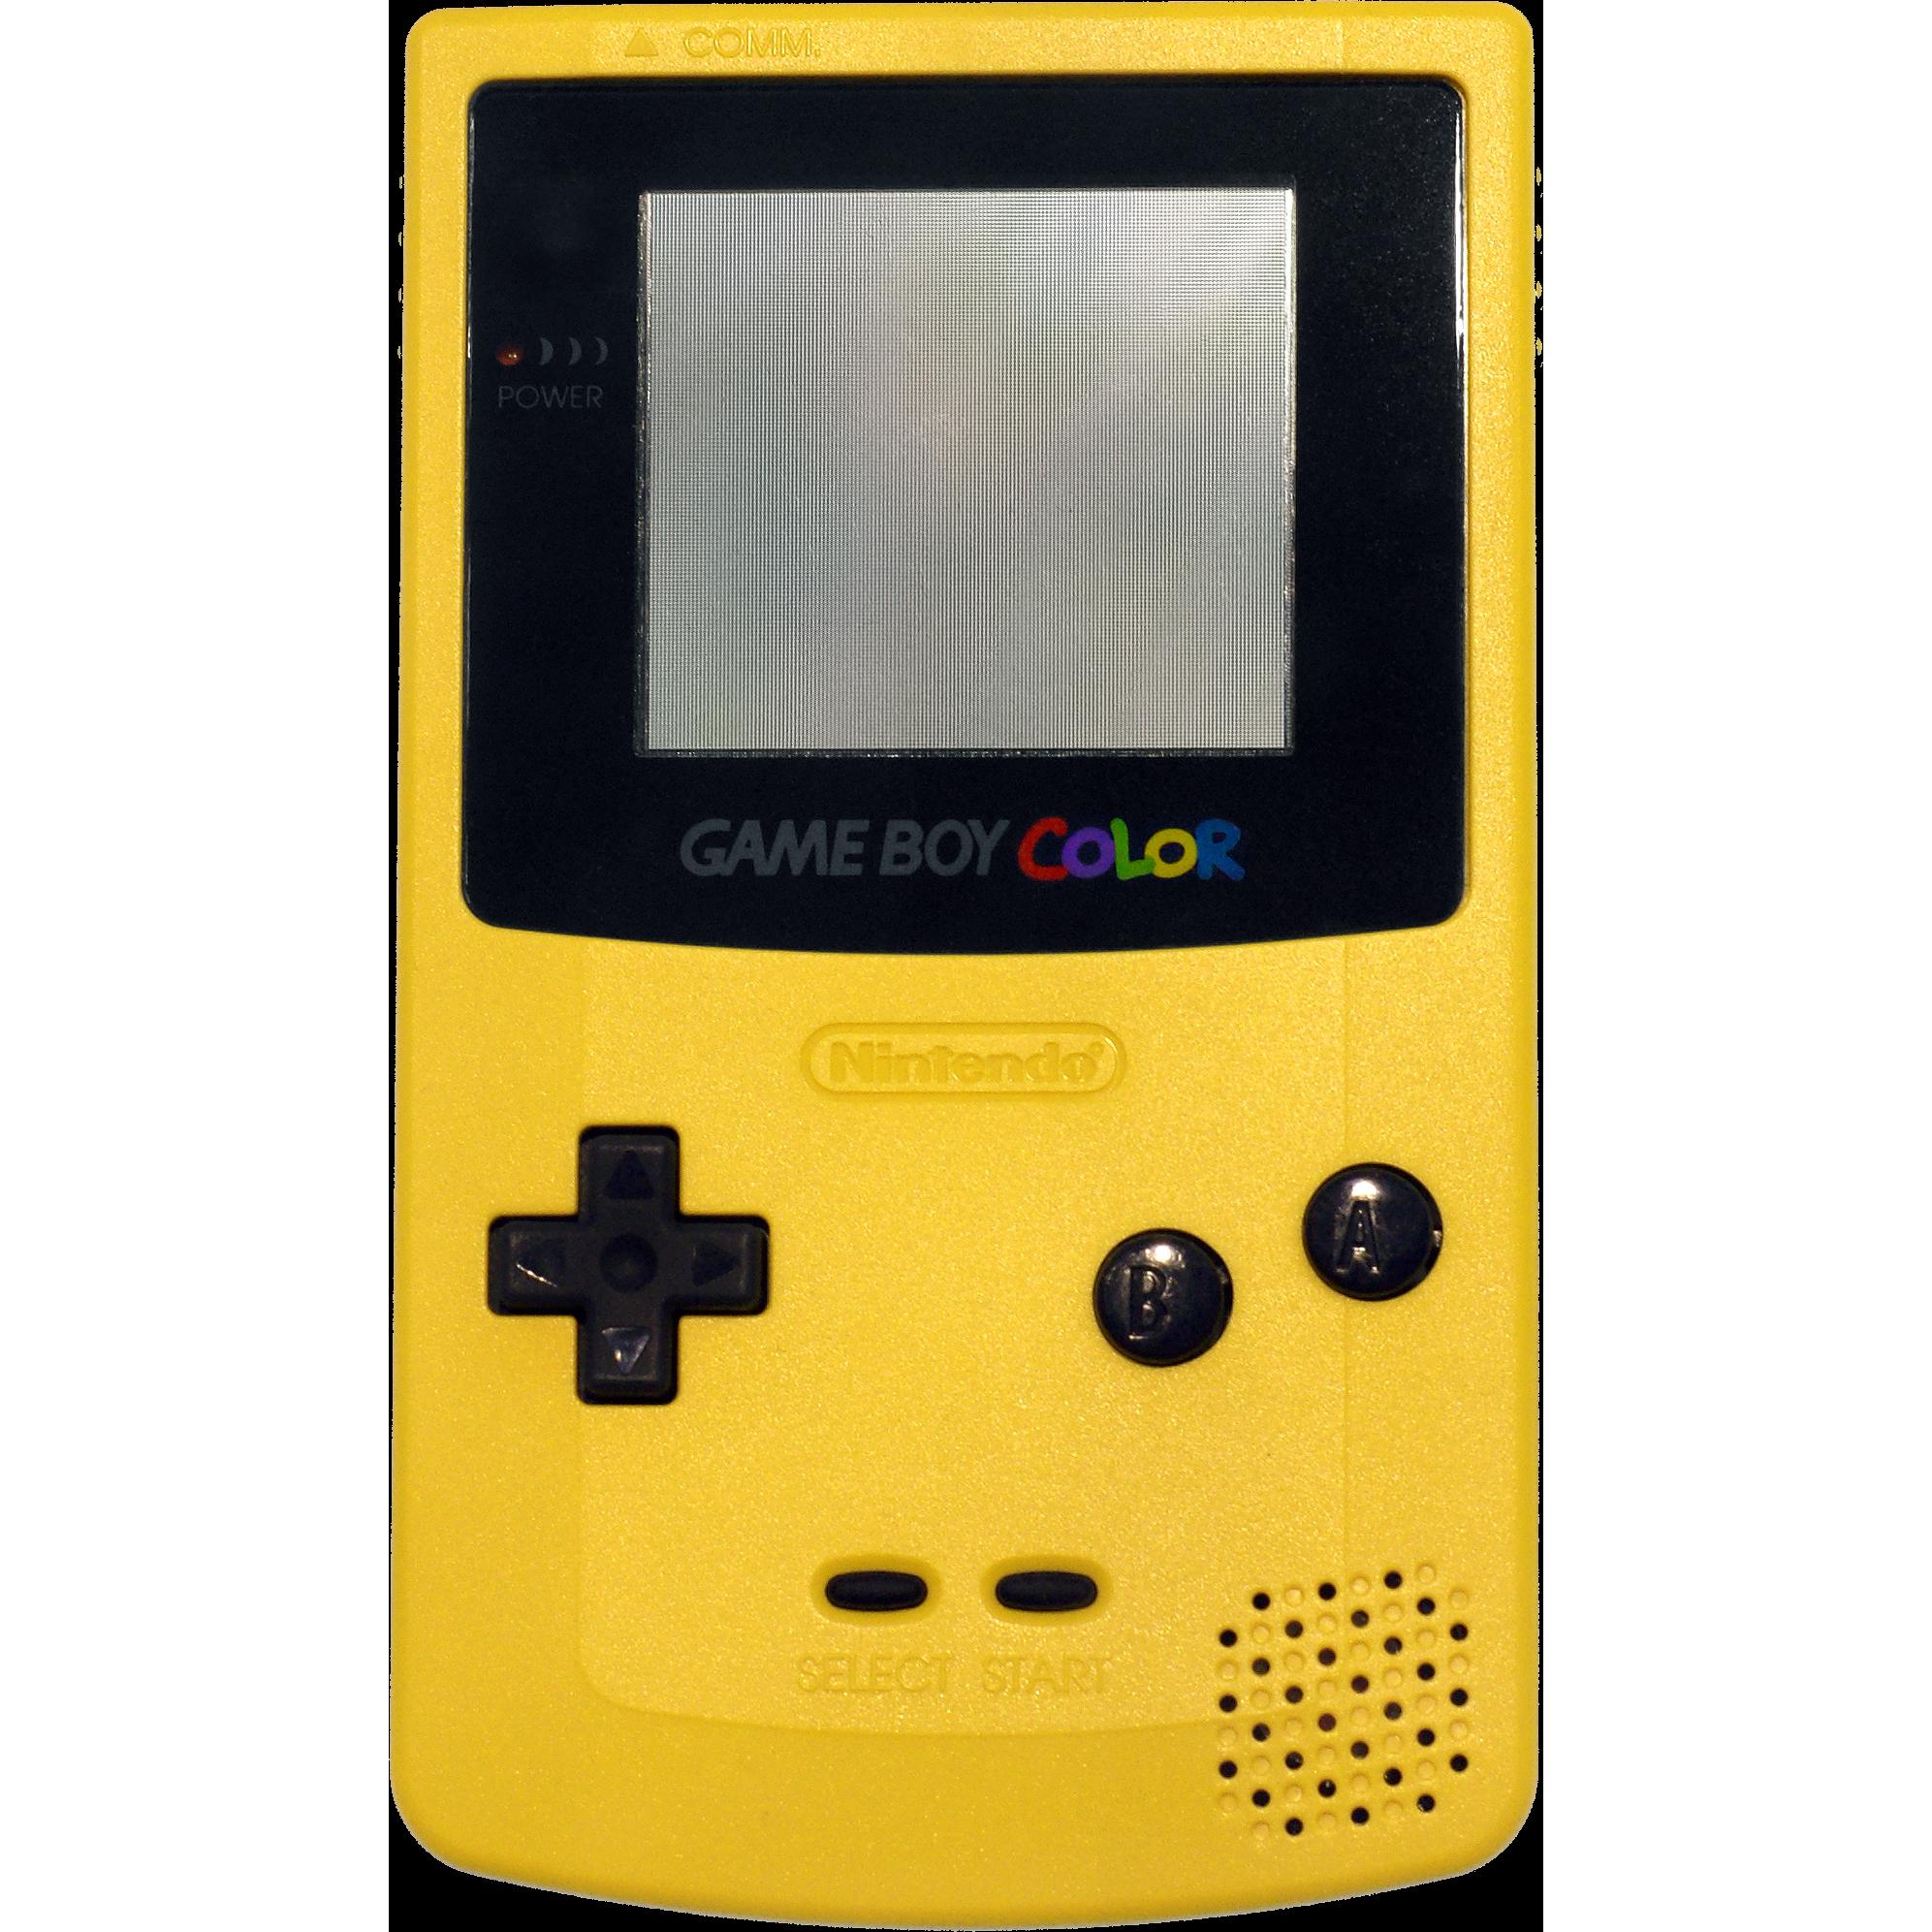 Game boy color legend of zelda - Game Boy Color